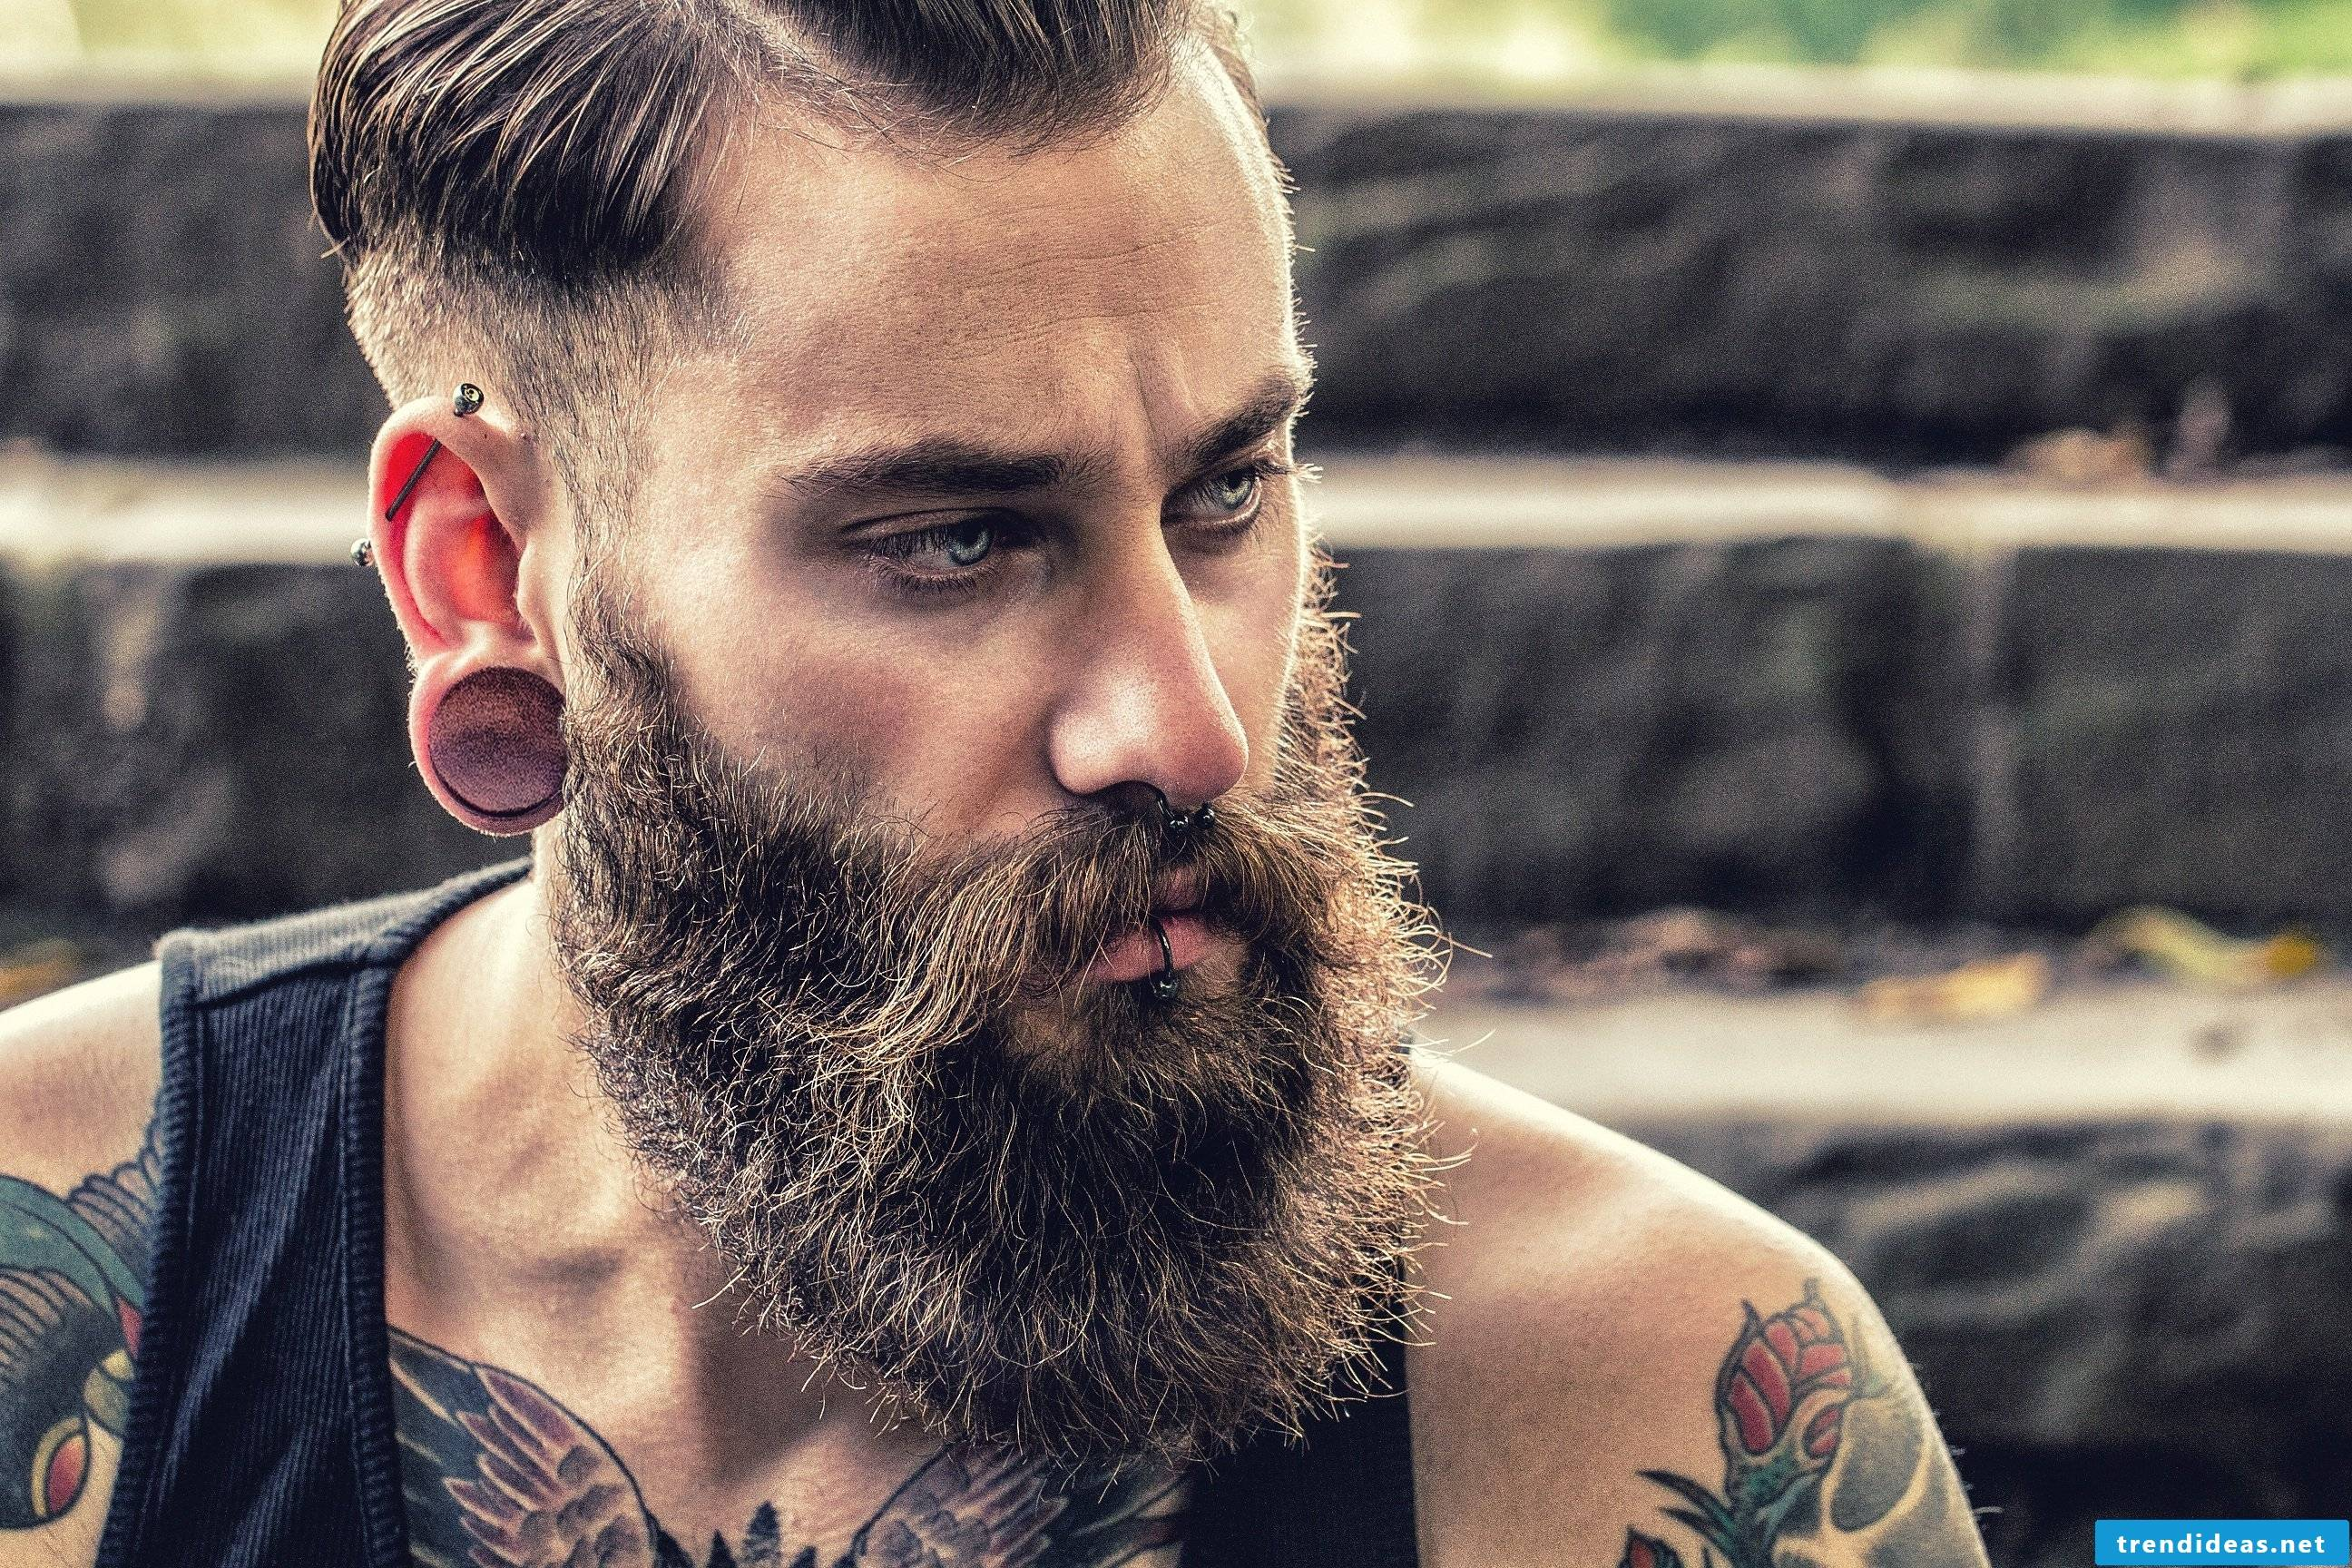 Beard wax let grow beard grow beard growth accelerate